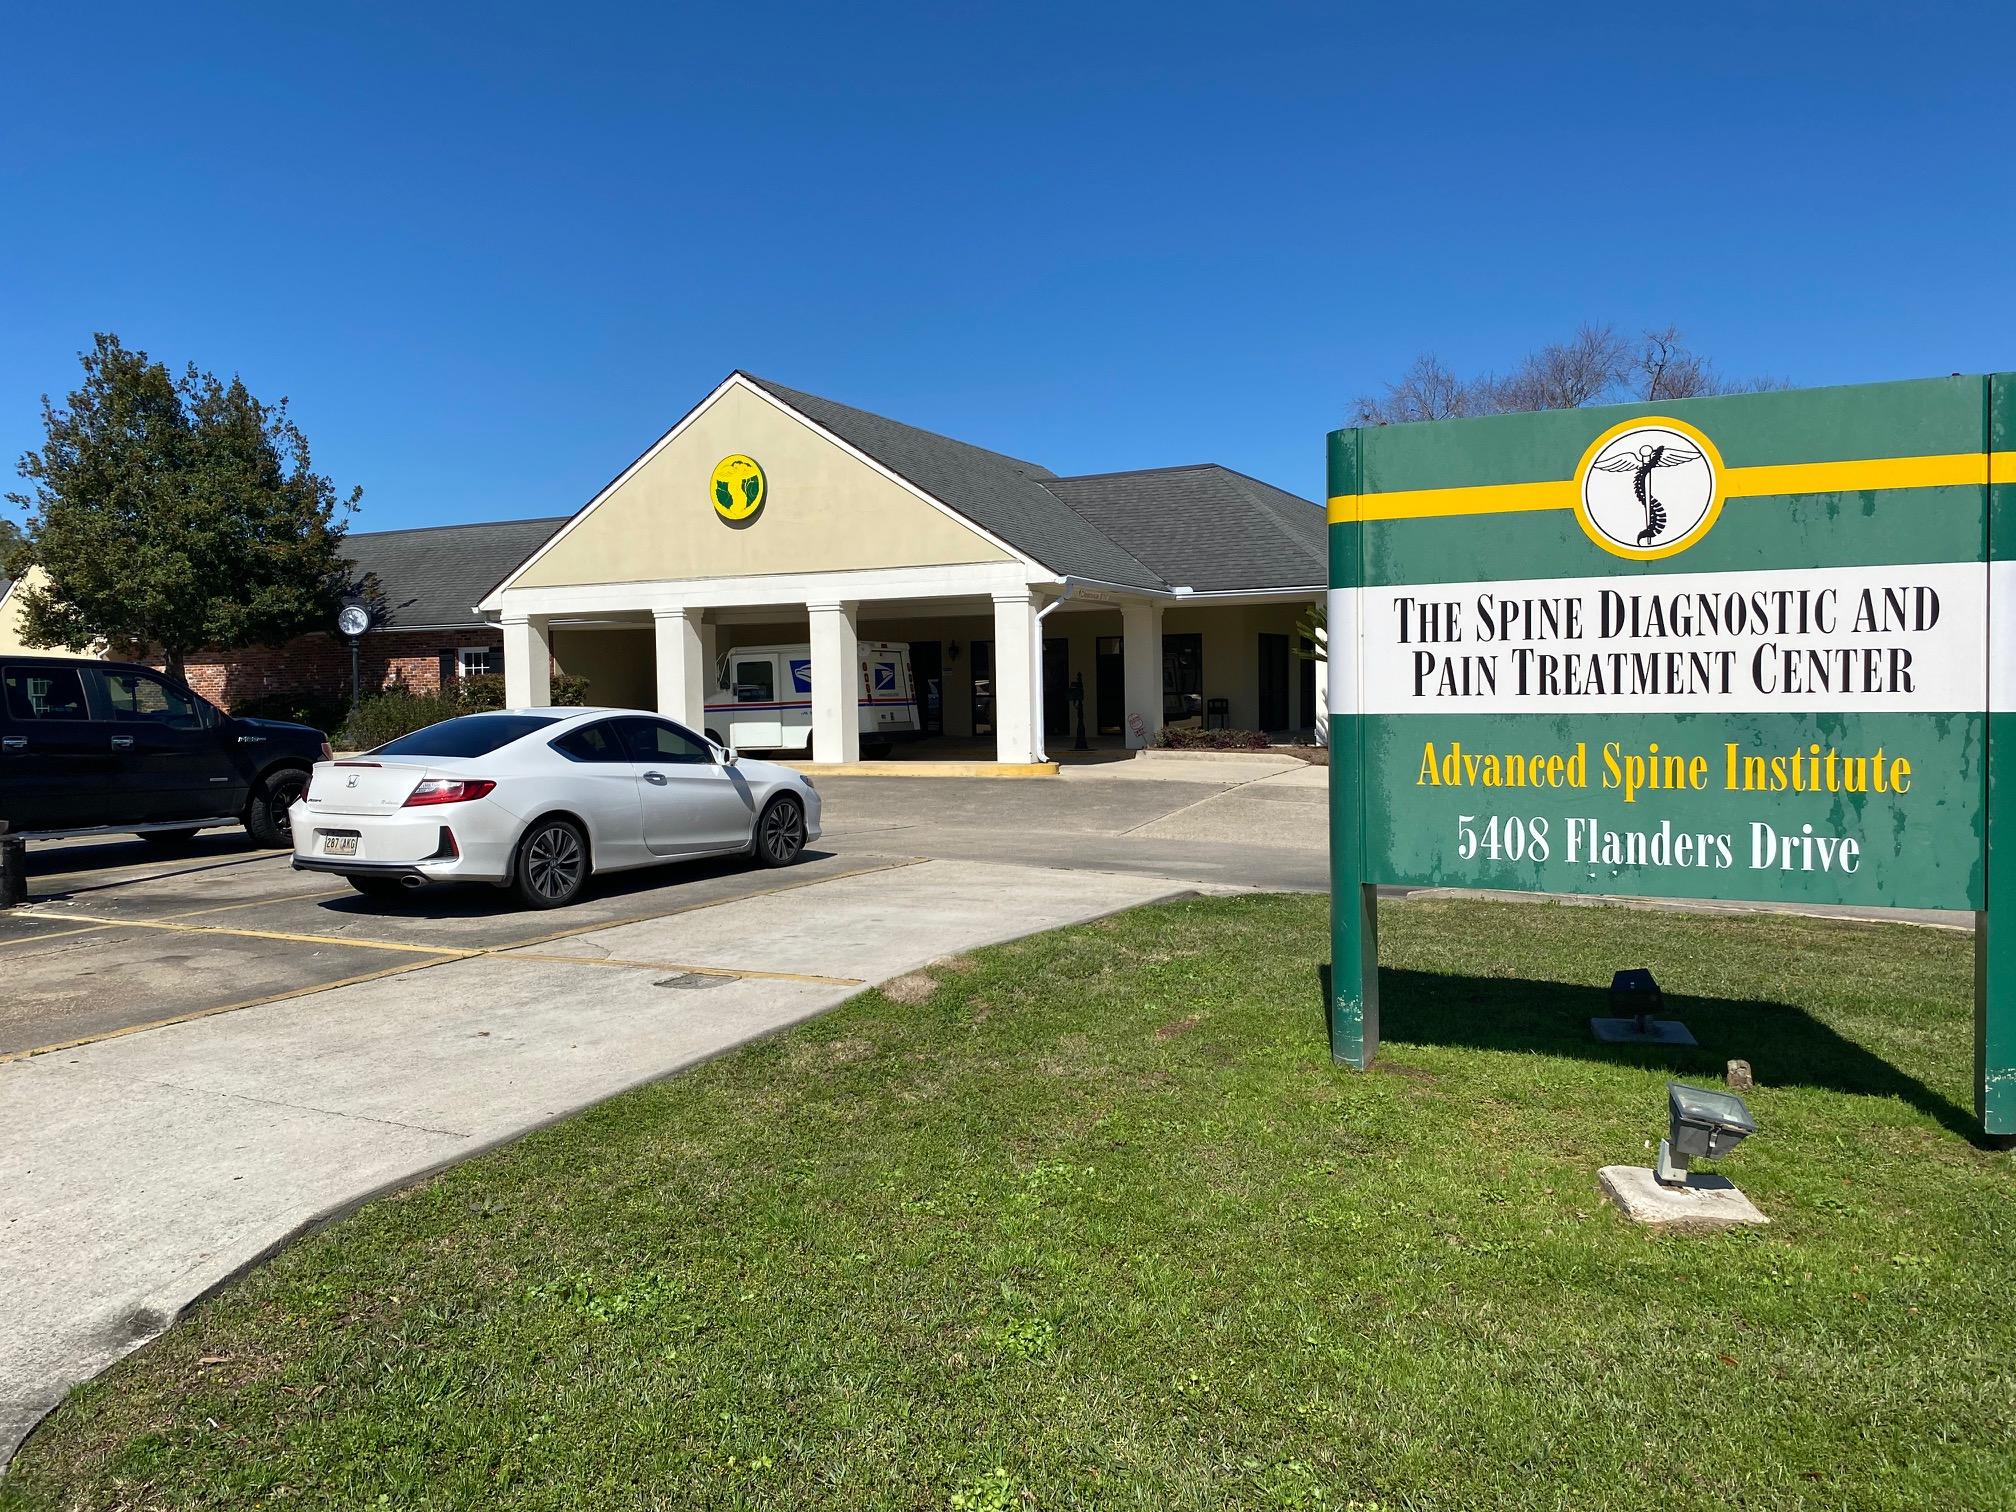 The Spine Diagnostic & Pain Treatment Center - Baton Rouge